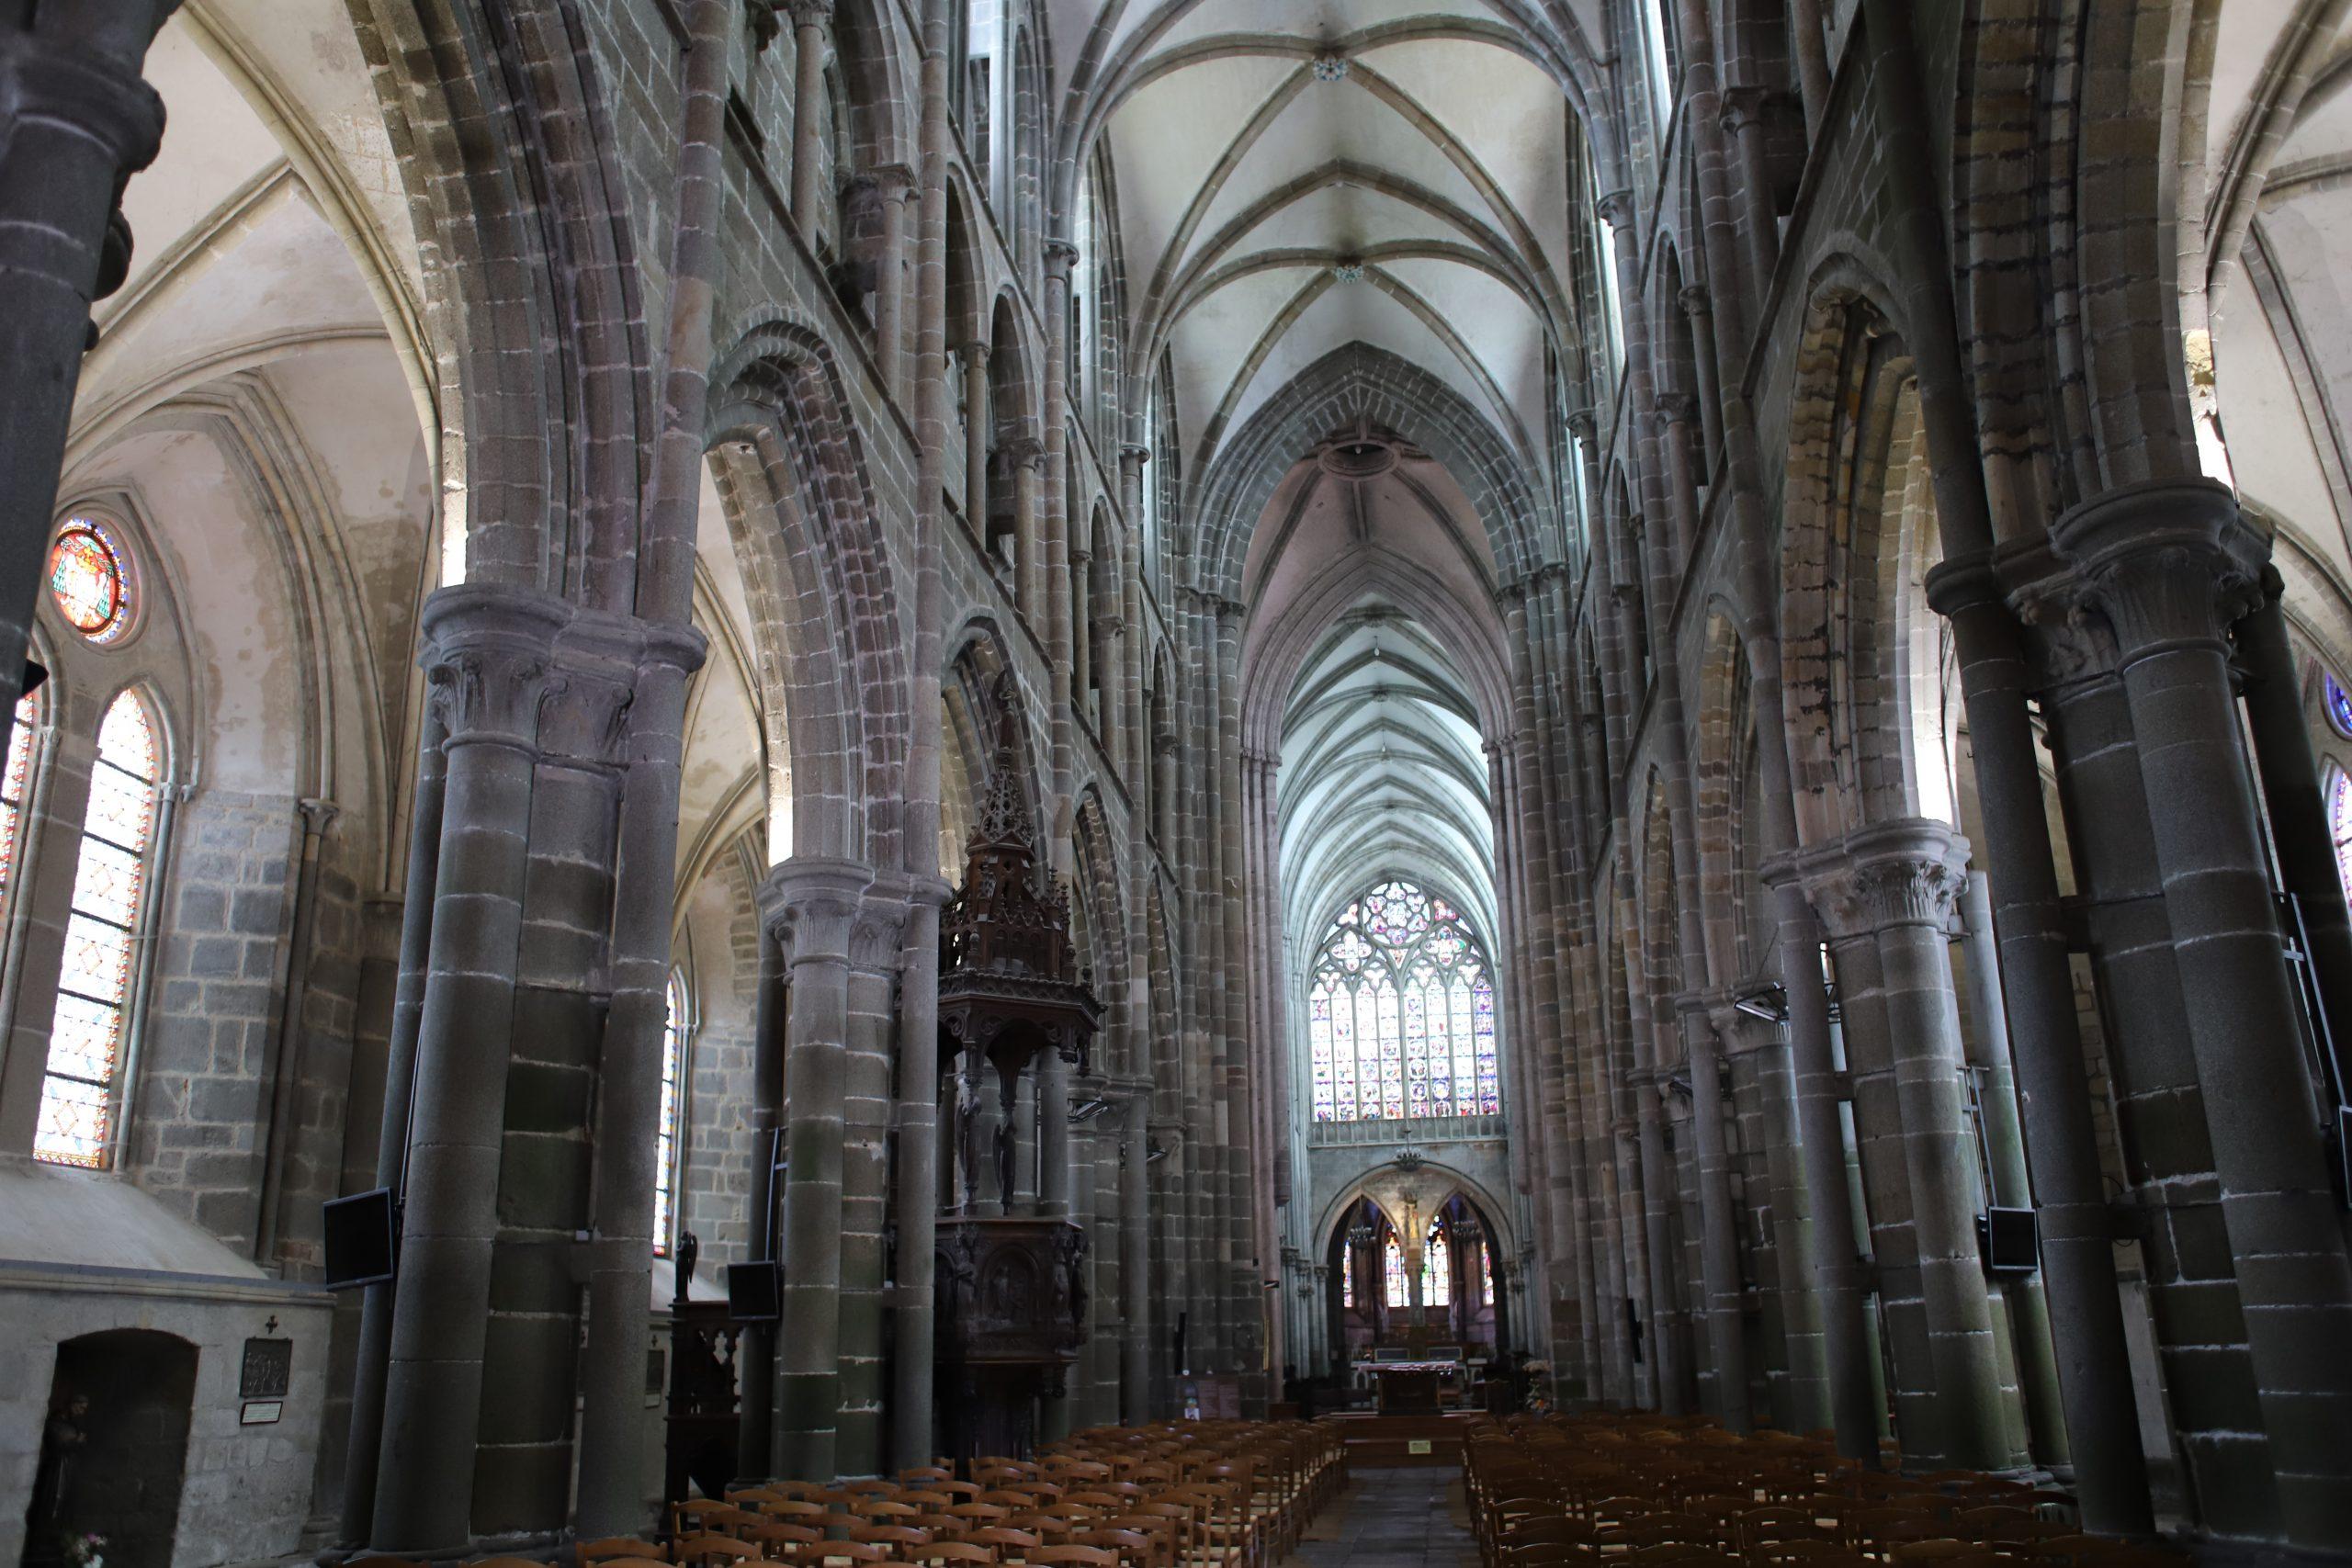 Saint-Samson de Dol-de-Bretagne cathedral